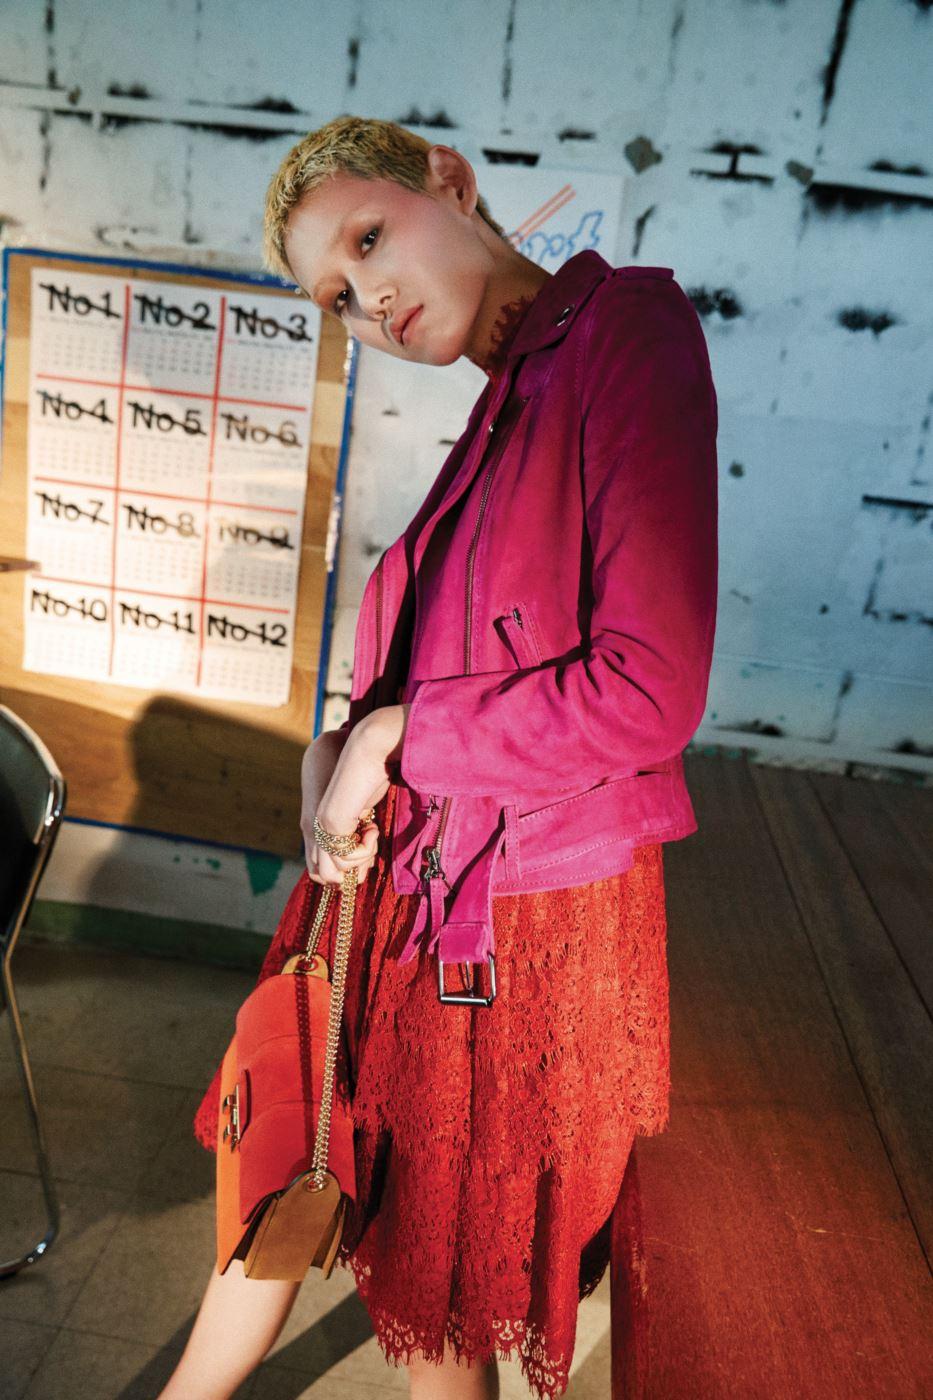 염소가죽 소재의 스웨이듸 바이커 재킷과 빨간색 레이스 드레스, 빨강과 주황 배색의 스웨이드 소재 지지백은 모두 Lanvin제품.